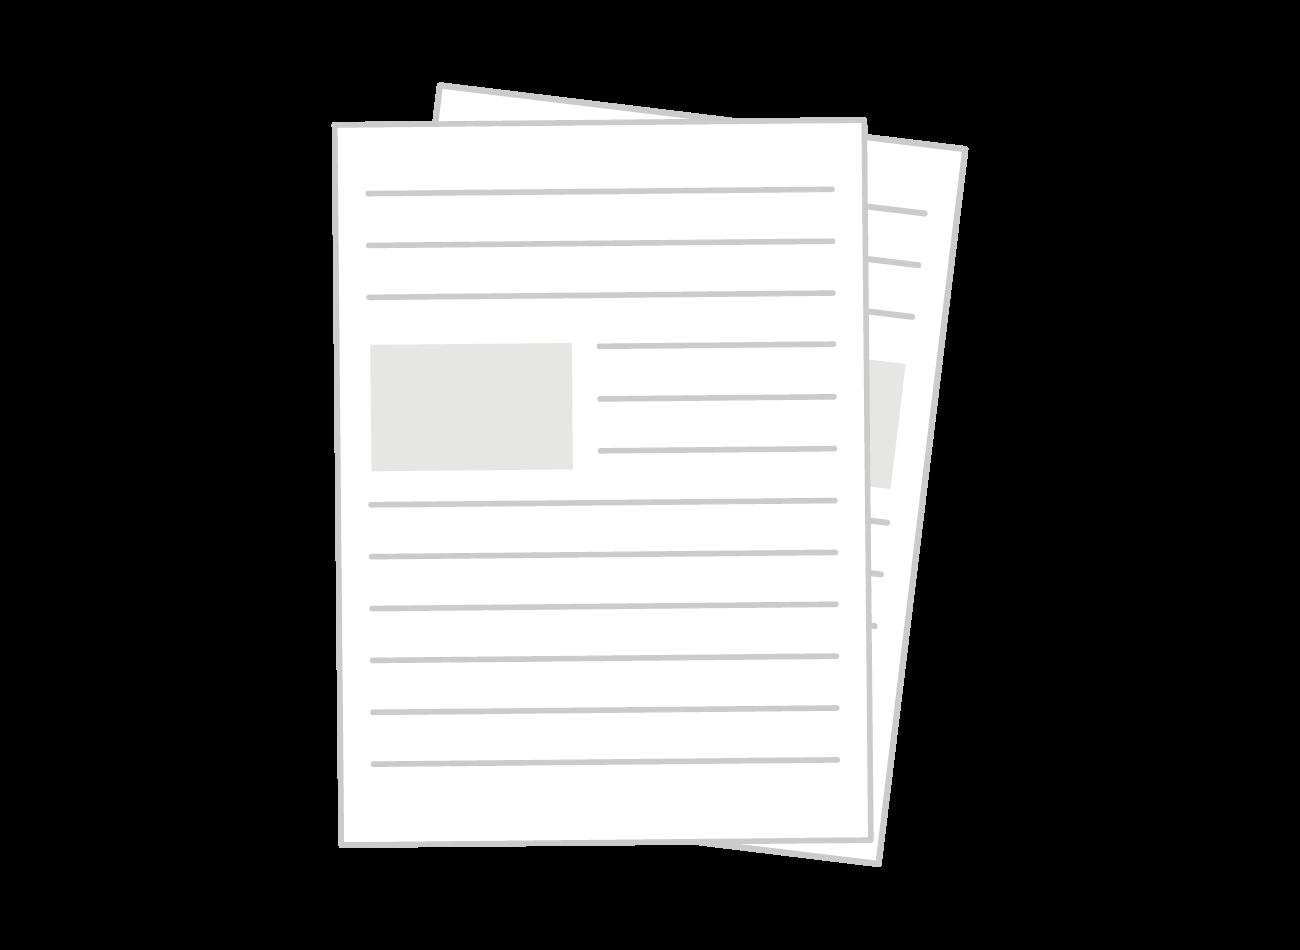 公費支給に関する受給者証(指定難病手帳、生活保護医療など)